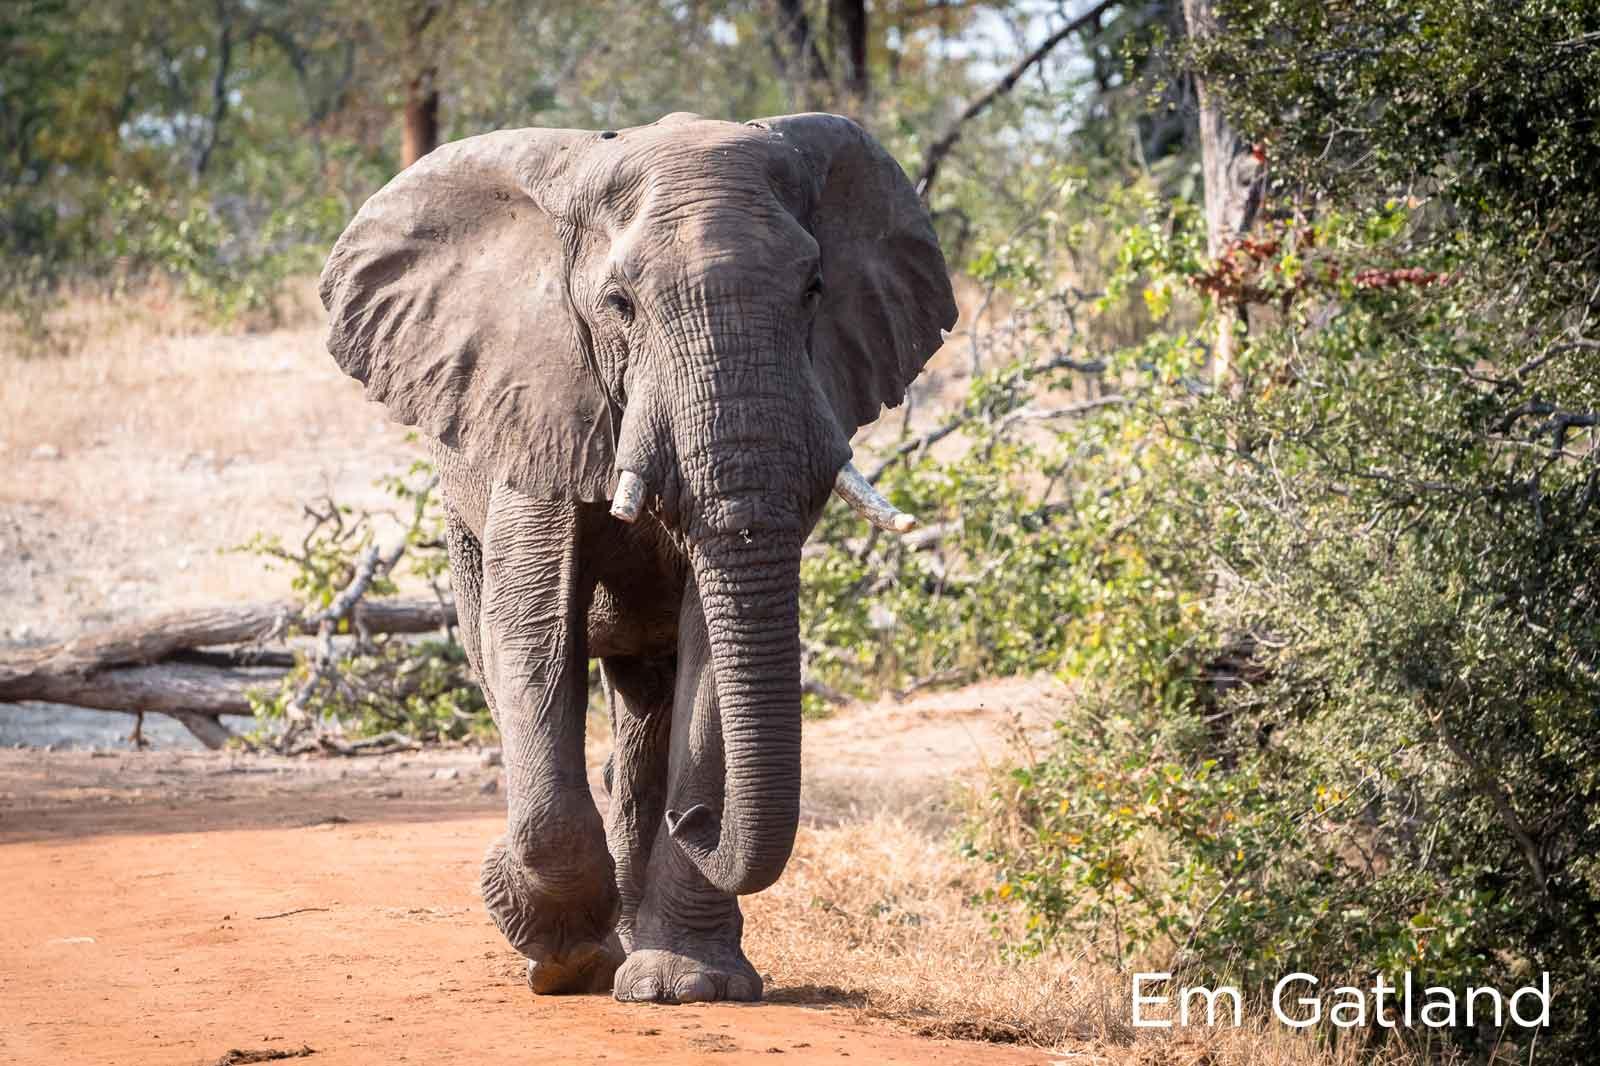 Elephants in Search of Mopane